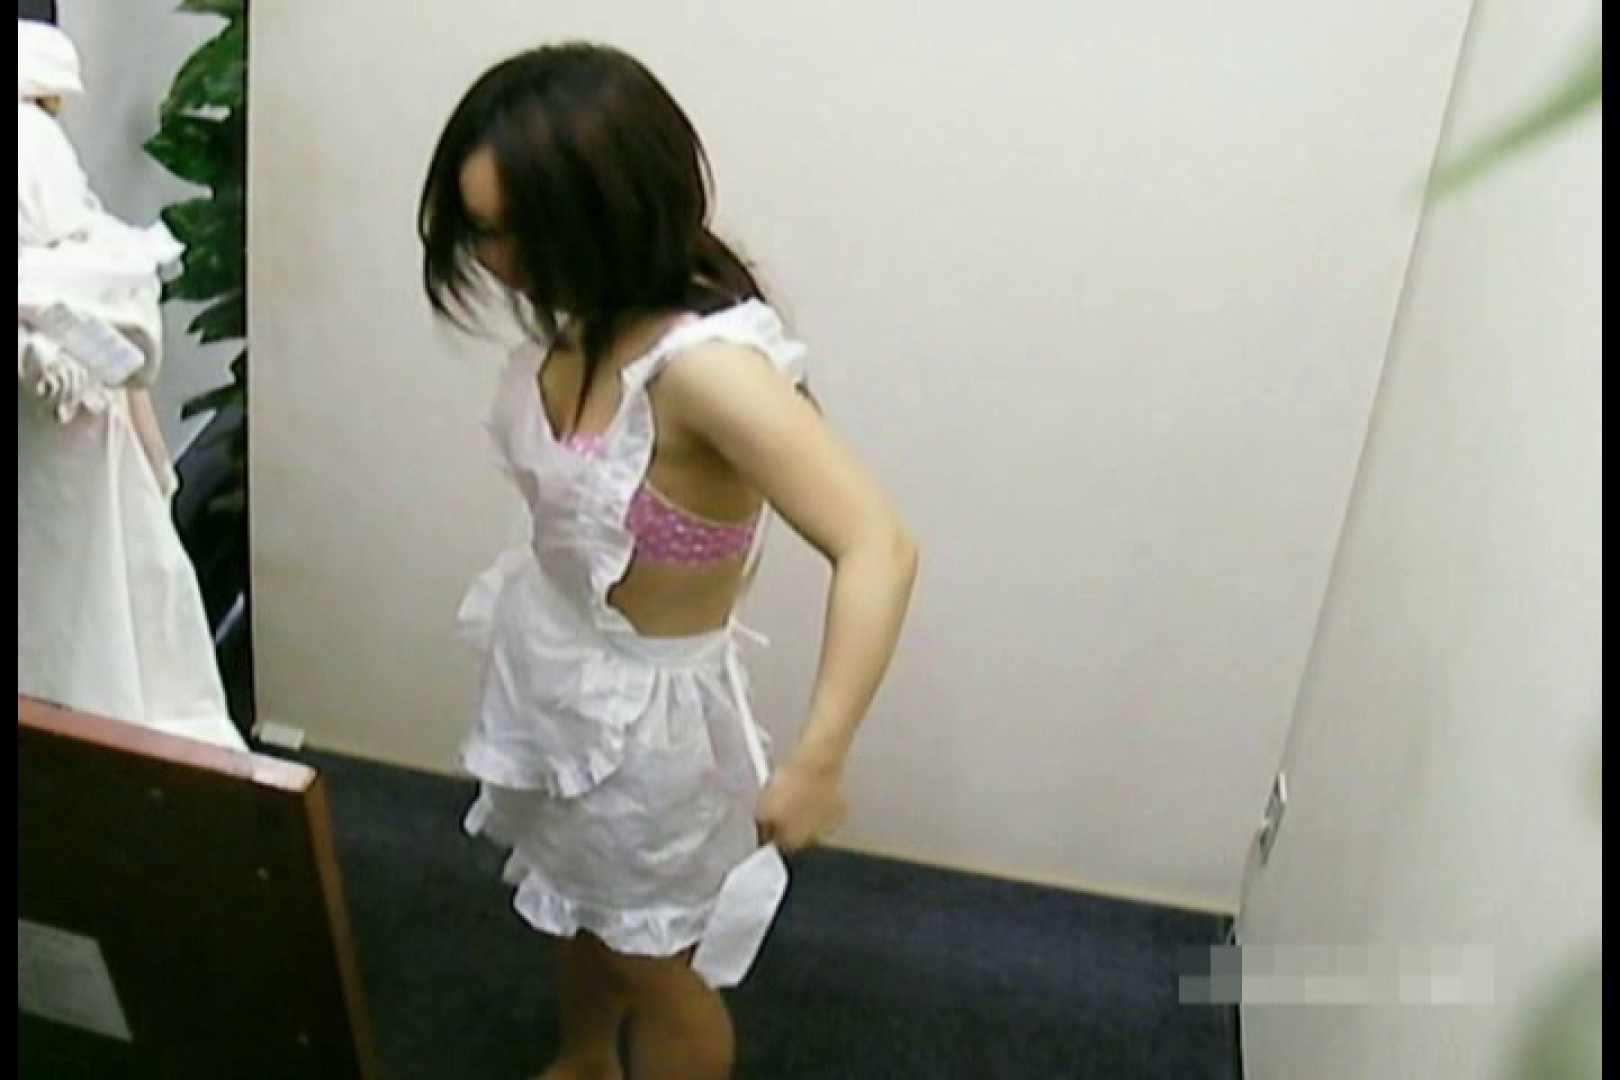 素人撮影 下着だけの撮影のはずが・・・ゆうか18歳 マンコ 性交動画流出 77pic 57